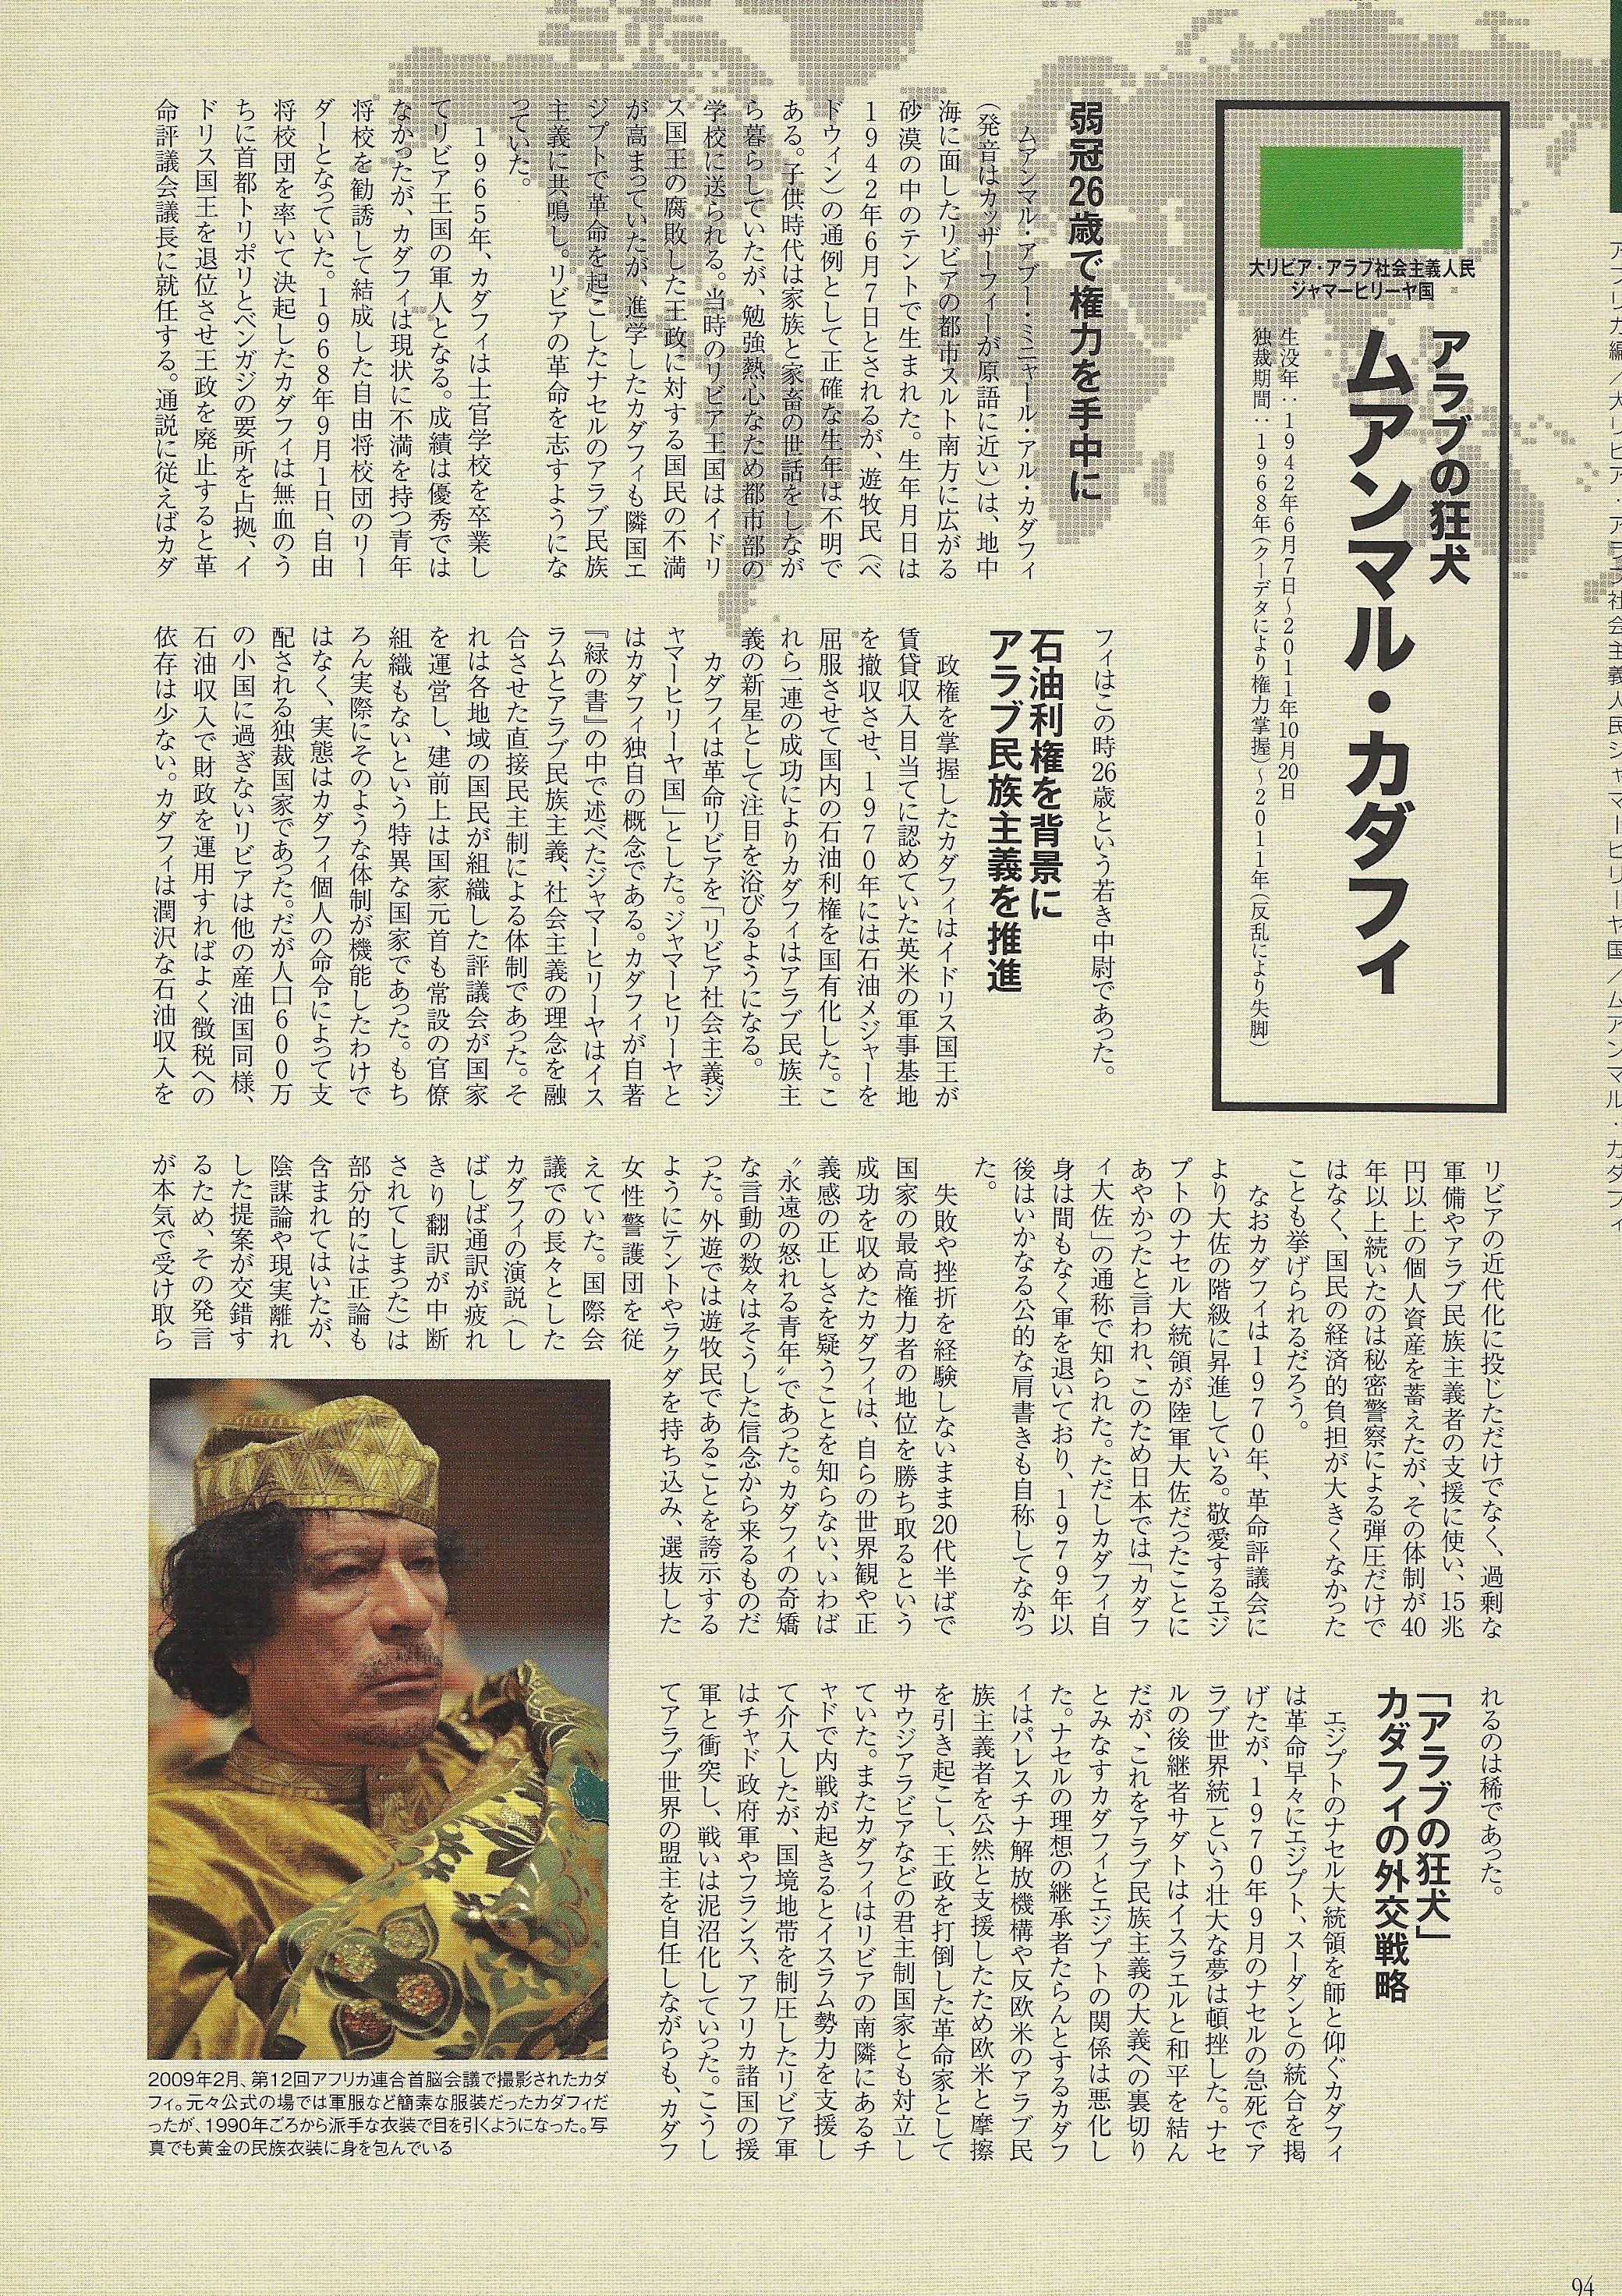 Пояснительная статья к иллюстрации Муаммара Каддафи